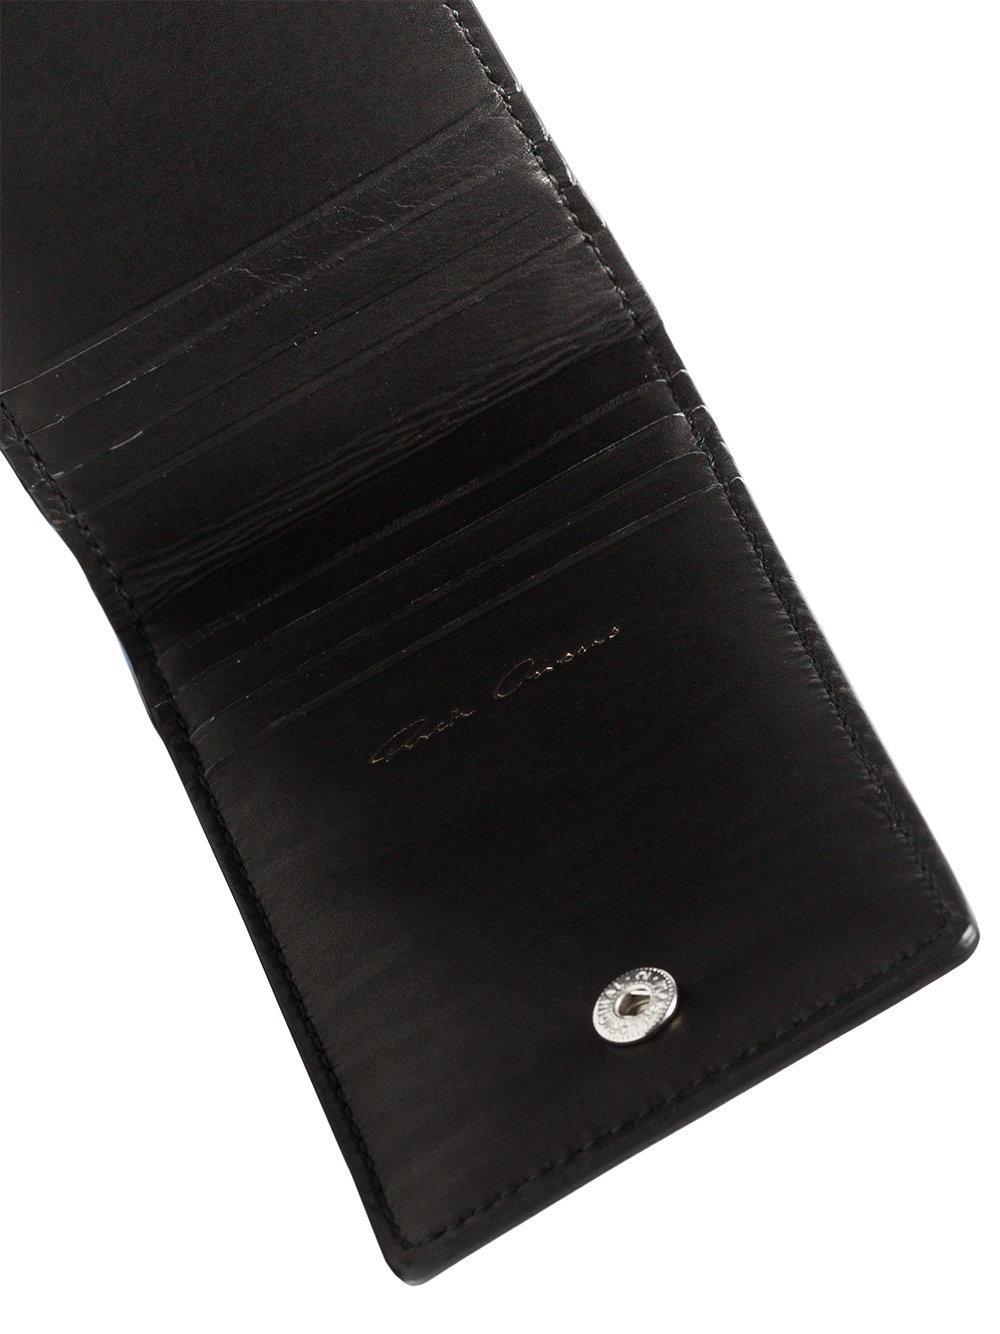 Rick Owens Black Logo Embossed Leather Billfold Cardholder ...